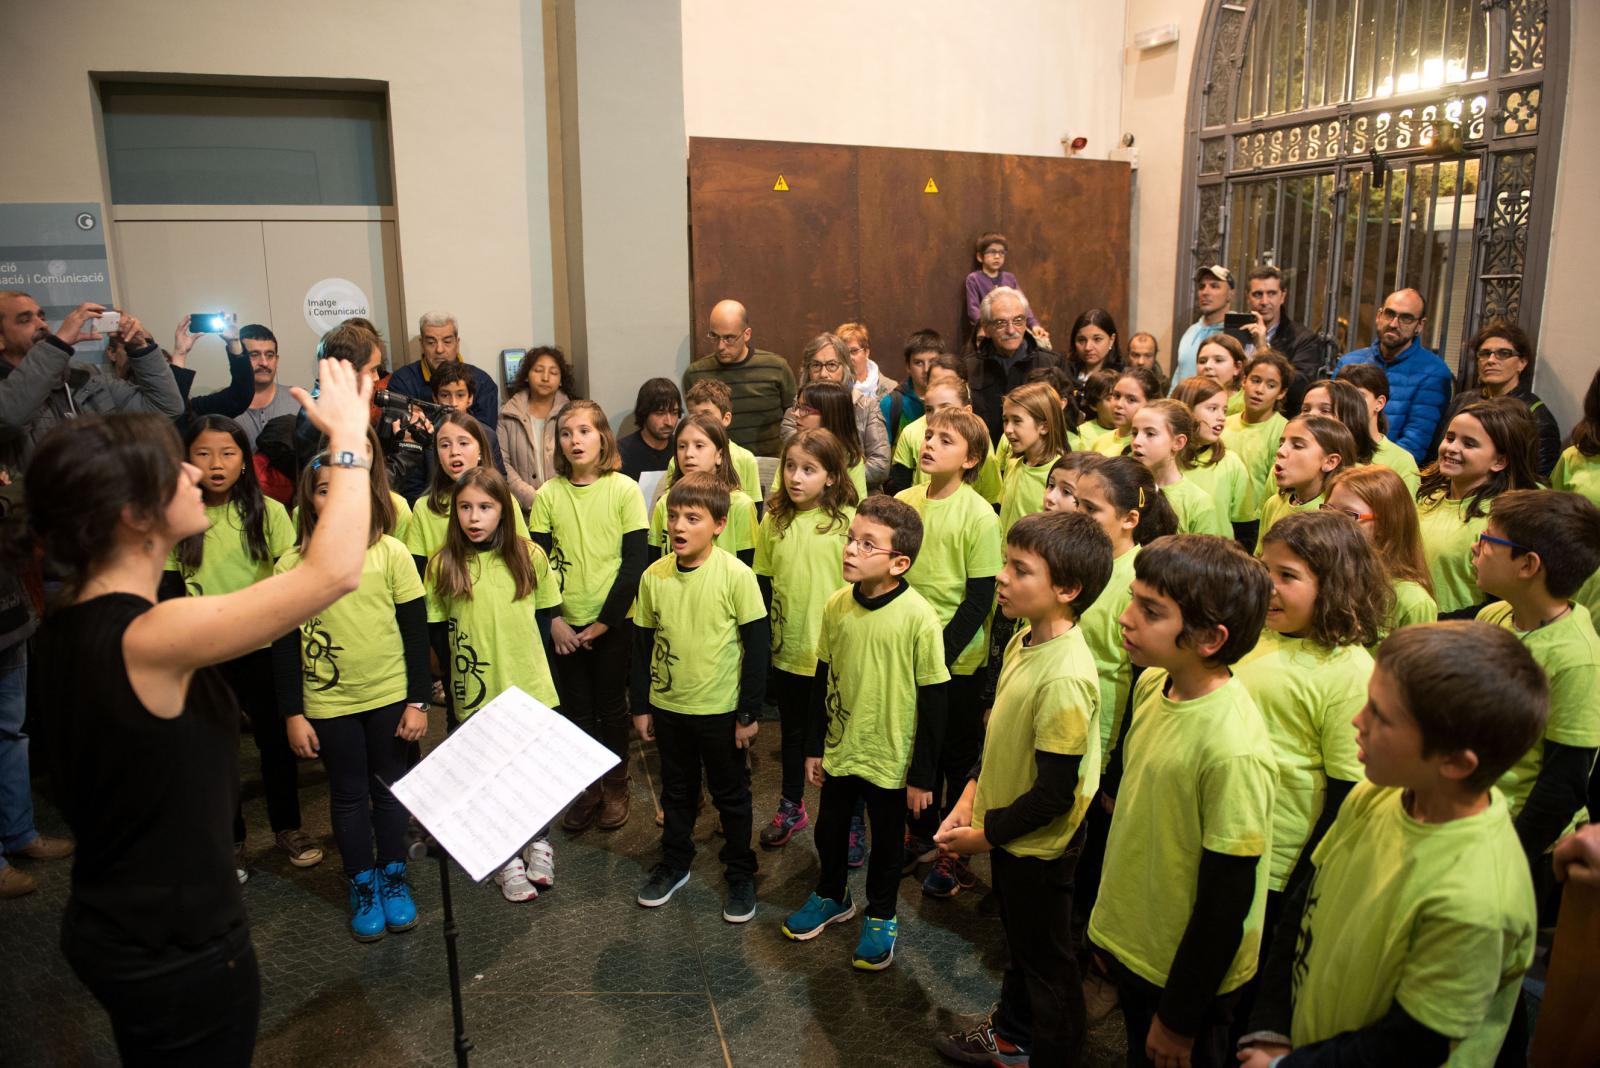 Els Petits Cantors de la Societat Coral Amics de la Unió van cantar una nadala, sota la direcció de Marta Dosaiguas.